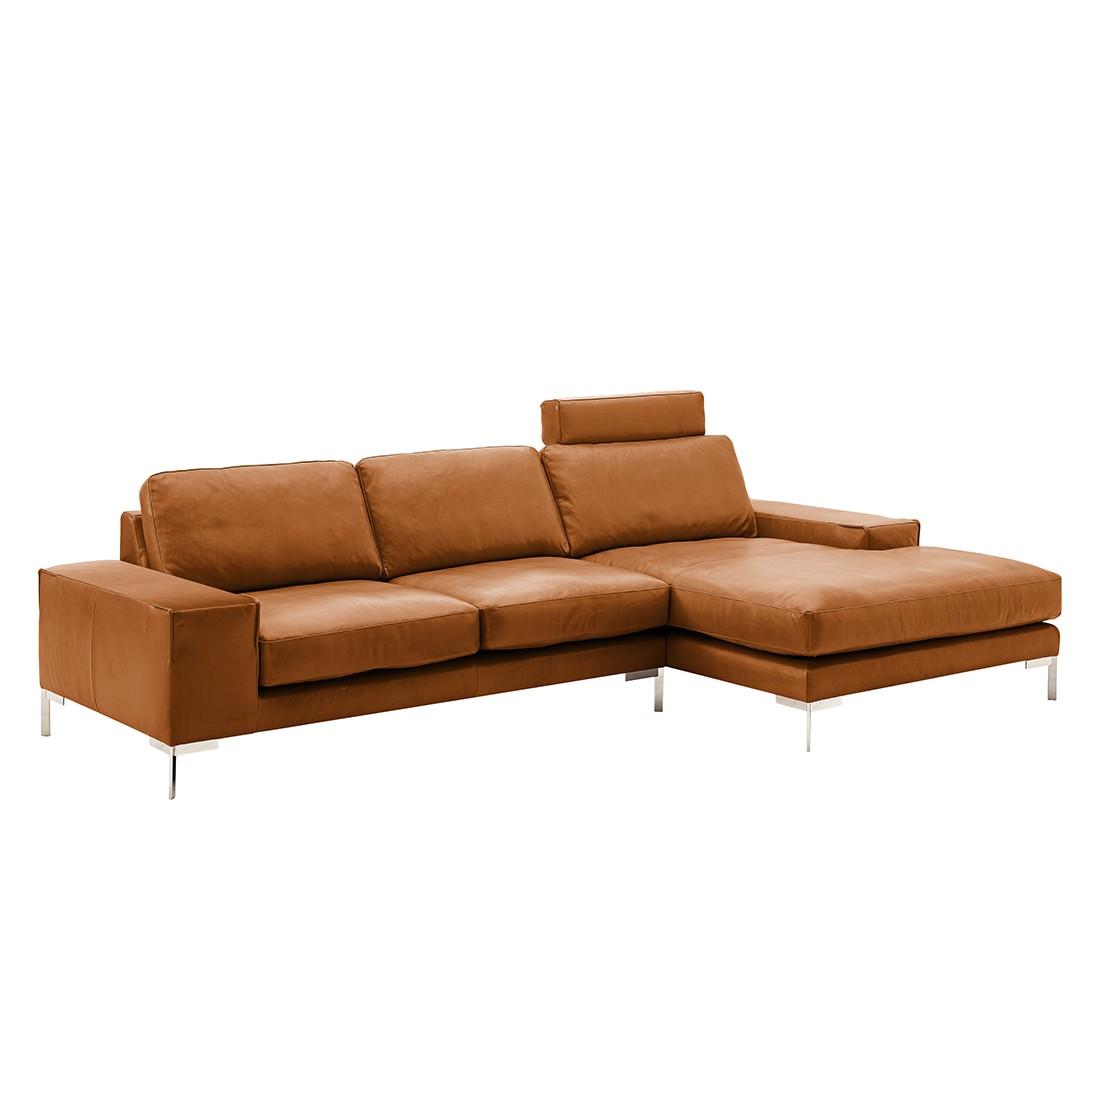 wohnzimmer ohne sofa raum und m beldesign inspiration. Black Bedroom Furniture Sets. Home Design Ideas